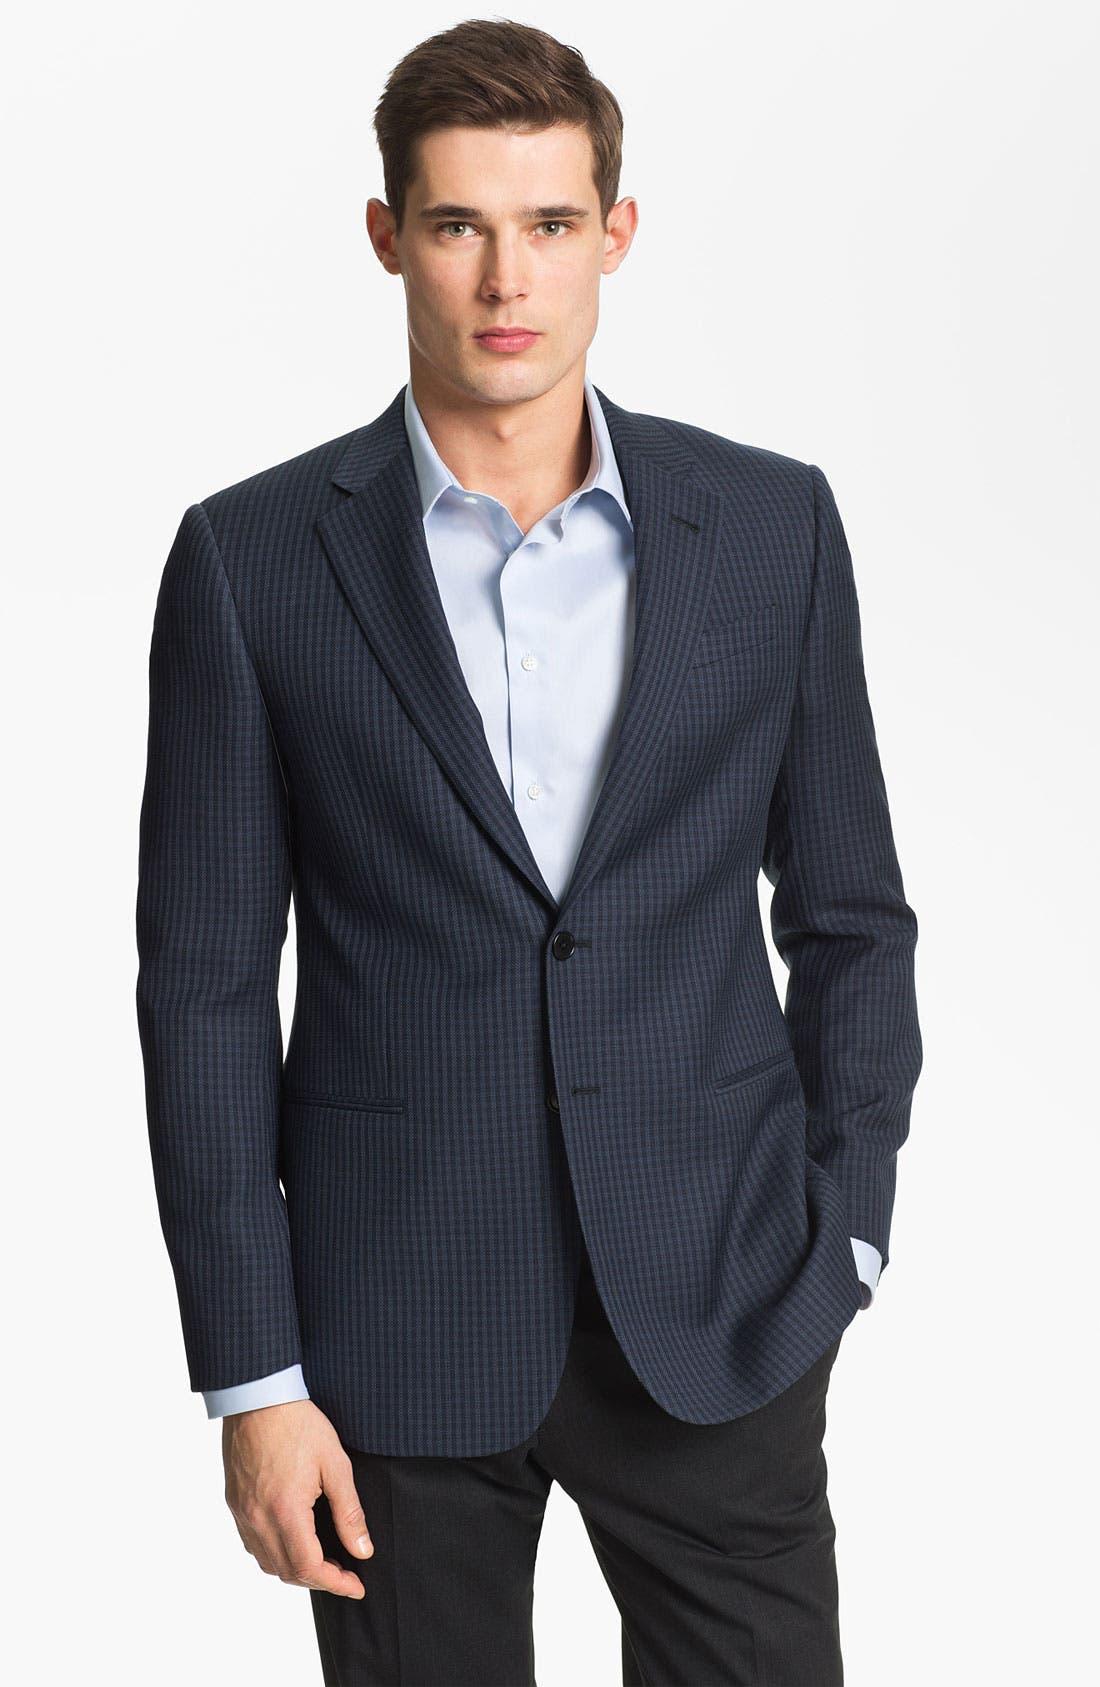 Alternate Image 1 Selected - Armani Collezioni 'Giorgio' Trim Fit Wool Sportcoat